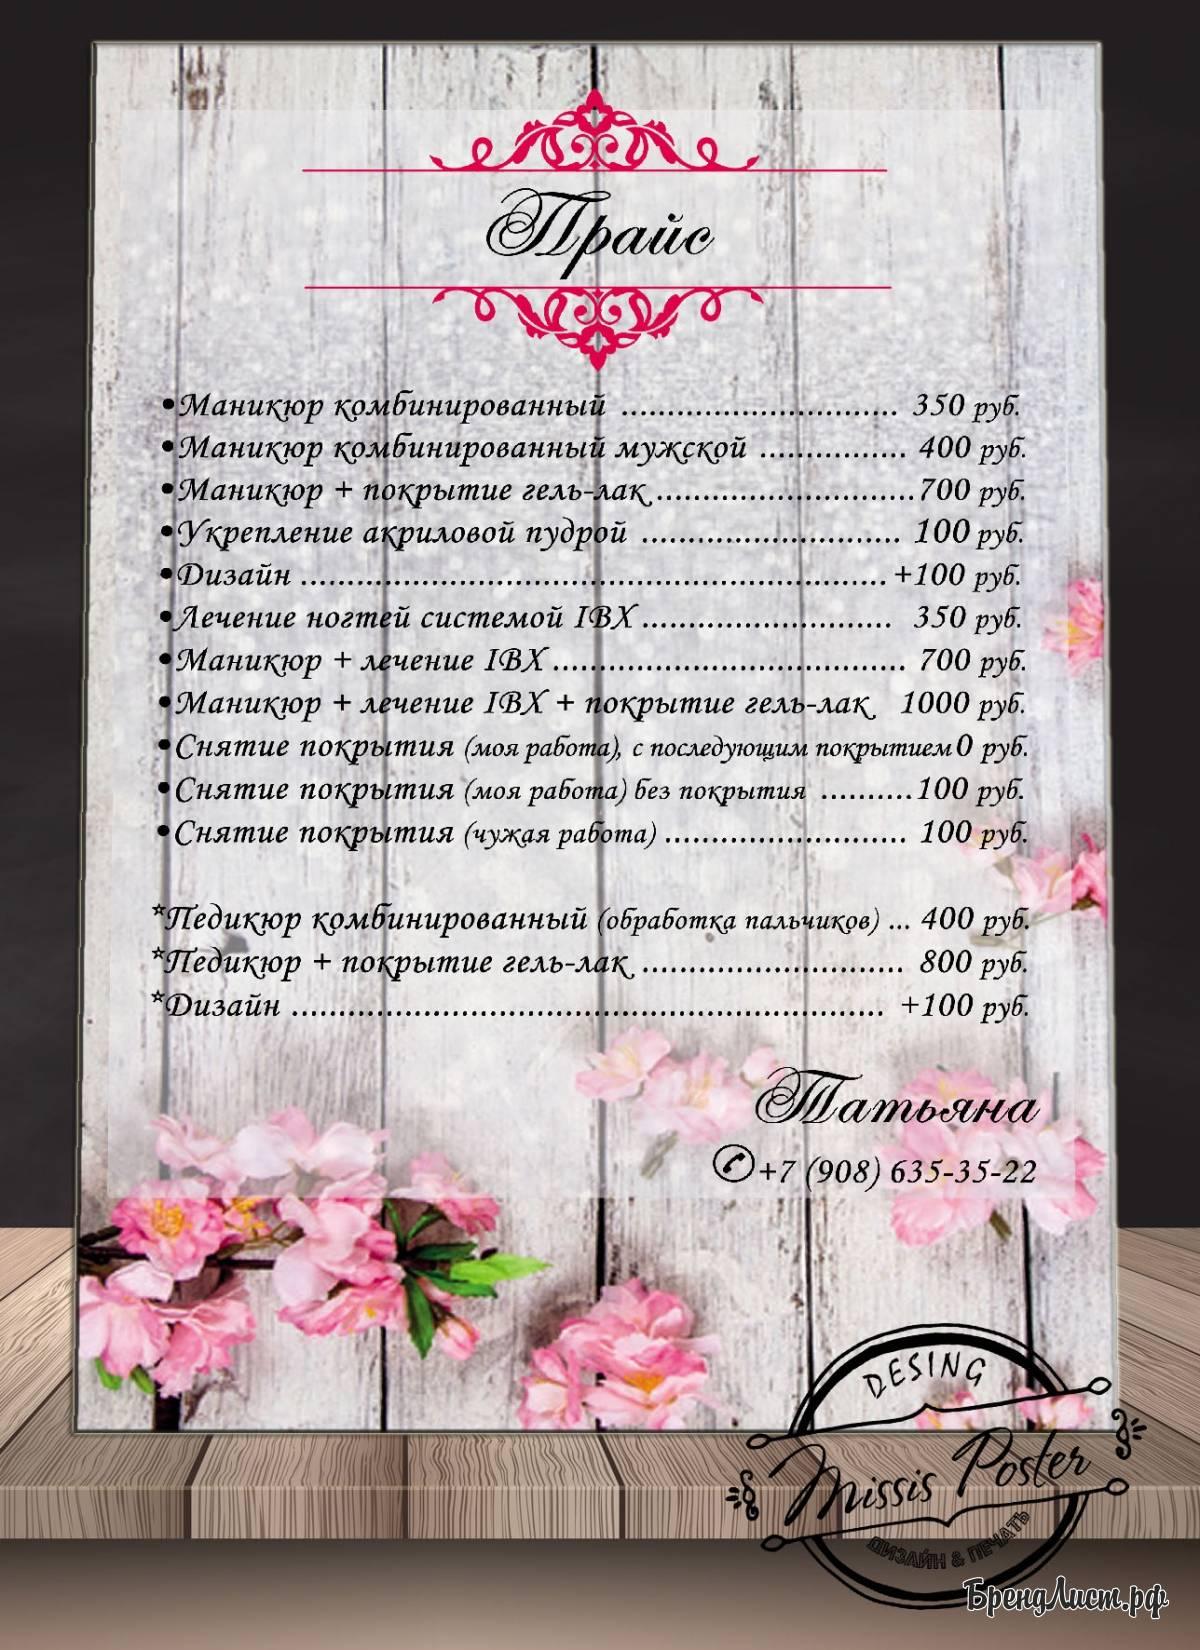 Композиции курьером, схпк цветы прайс